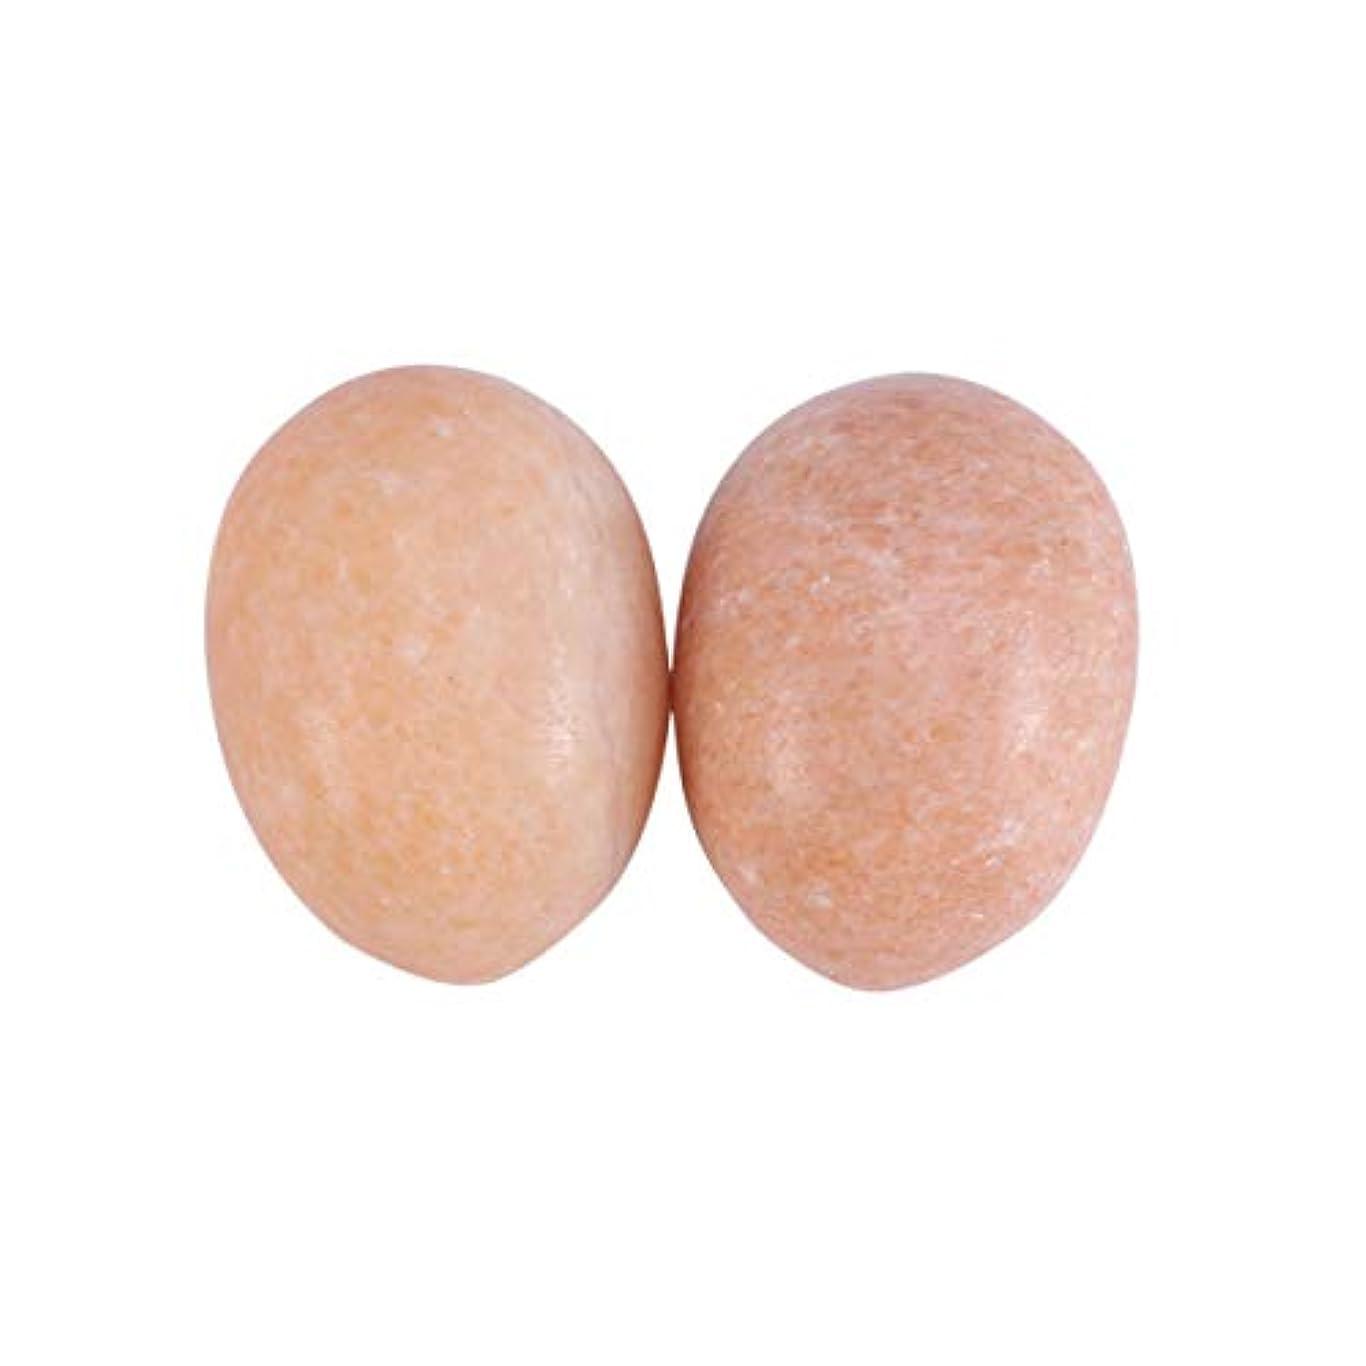 にじみ出る長さ出くわすHealifty 妊娠中の女性のためのマッサージボール6個玉ヨニ卵骨盤底筋マッサージ運動膣締め付けボールヘルスケア(サンセットレッド)